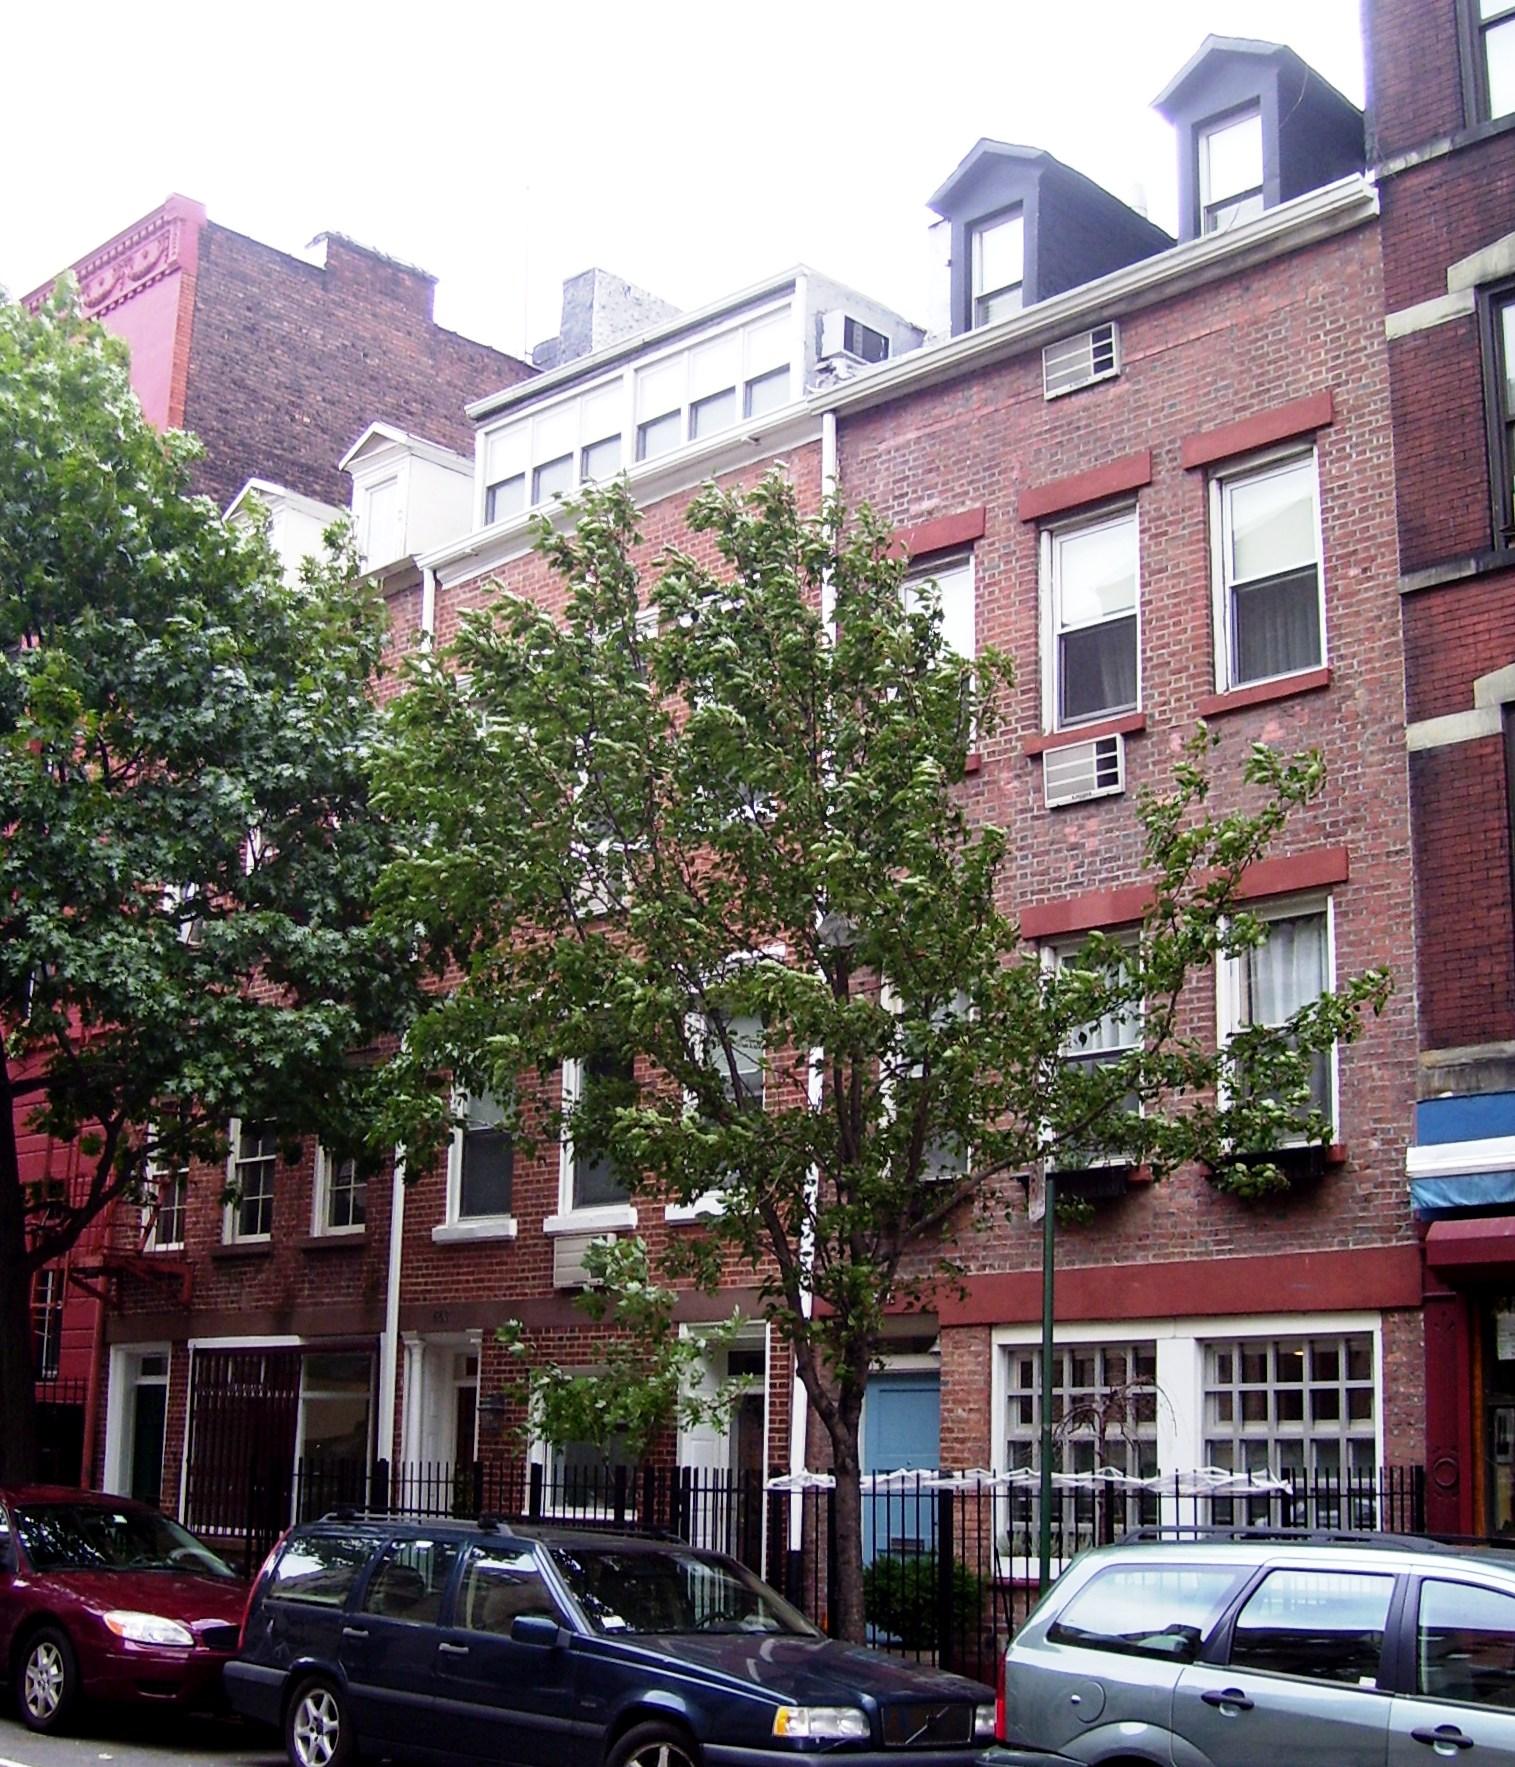 Manhattan Streets: Washington Street (Manhattan)